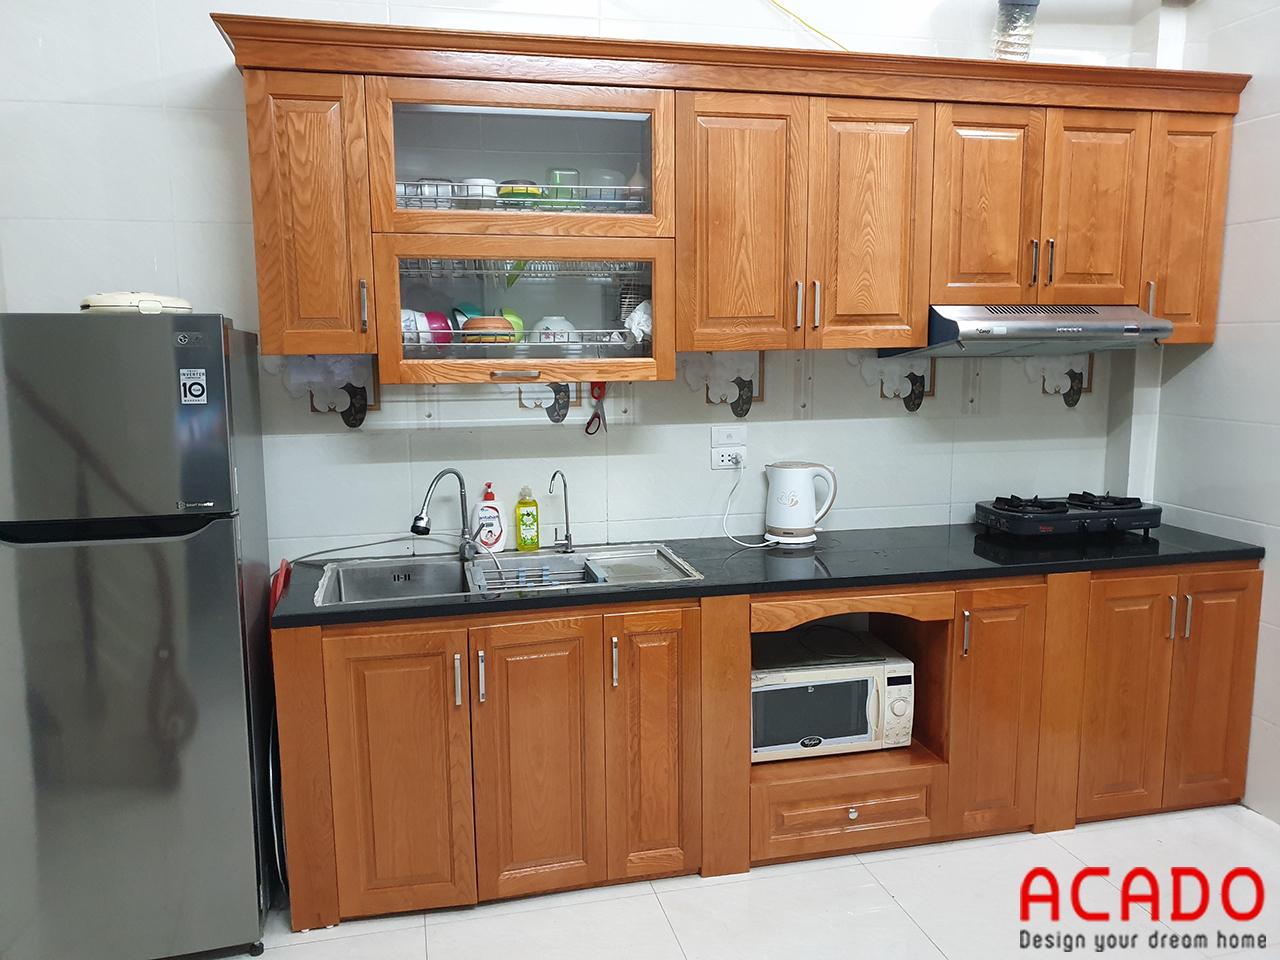 Tủ bếp khung cánh chữ I nhỏ gọn nhưng vẫn đầy đủ công năng sử dụng - Làm Tủ Bếp Tại Phú Lương